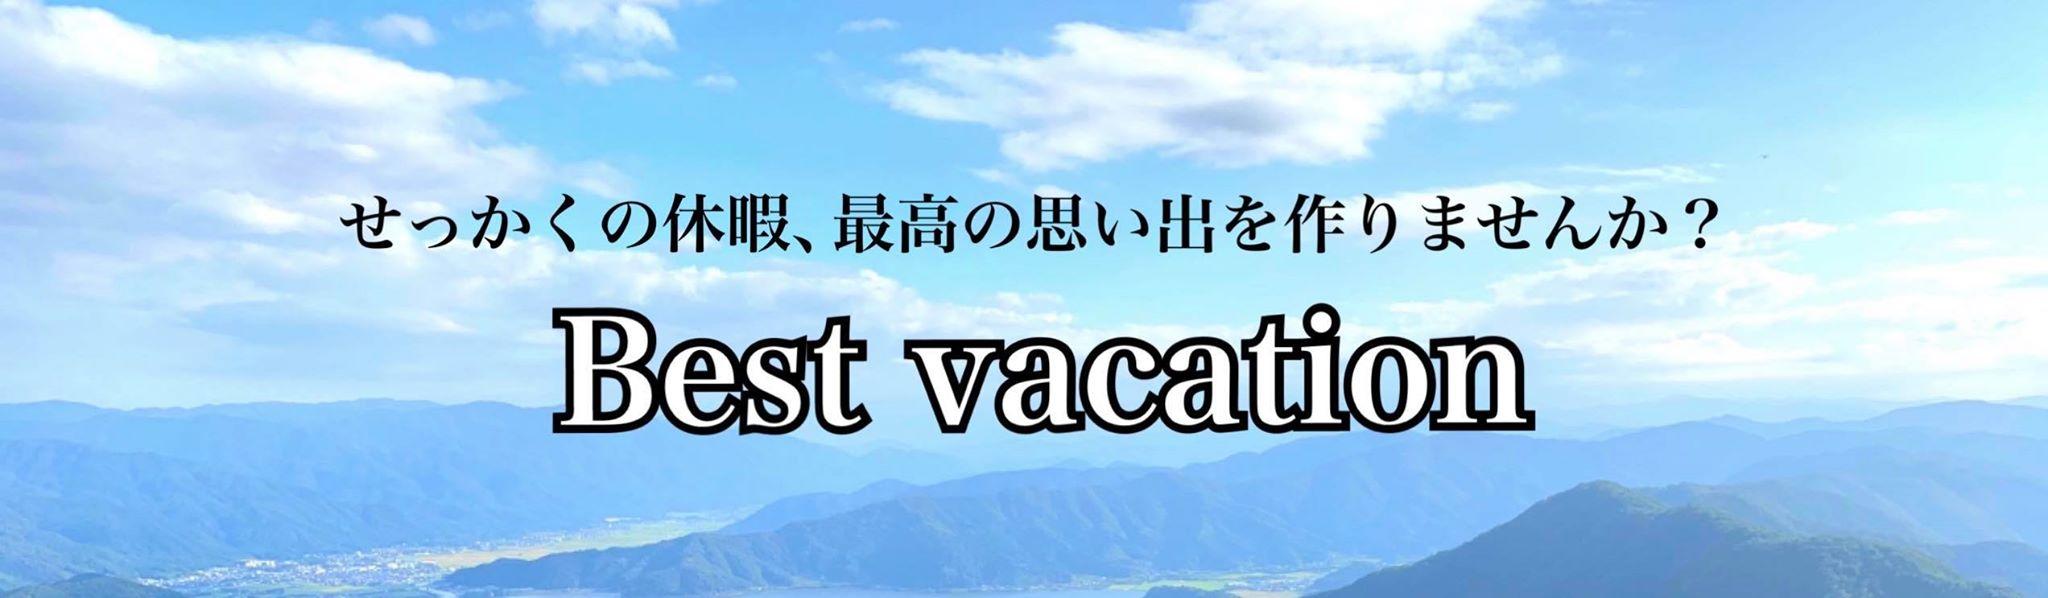 Best vacation 〜旅のあれこれ〜